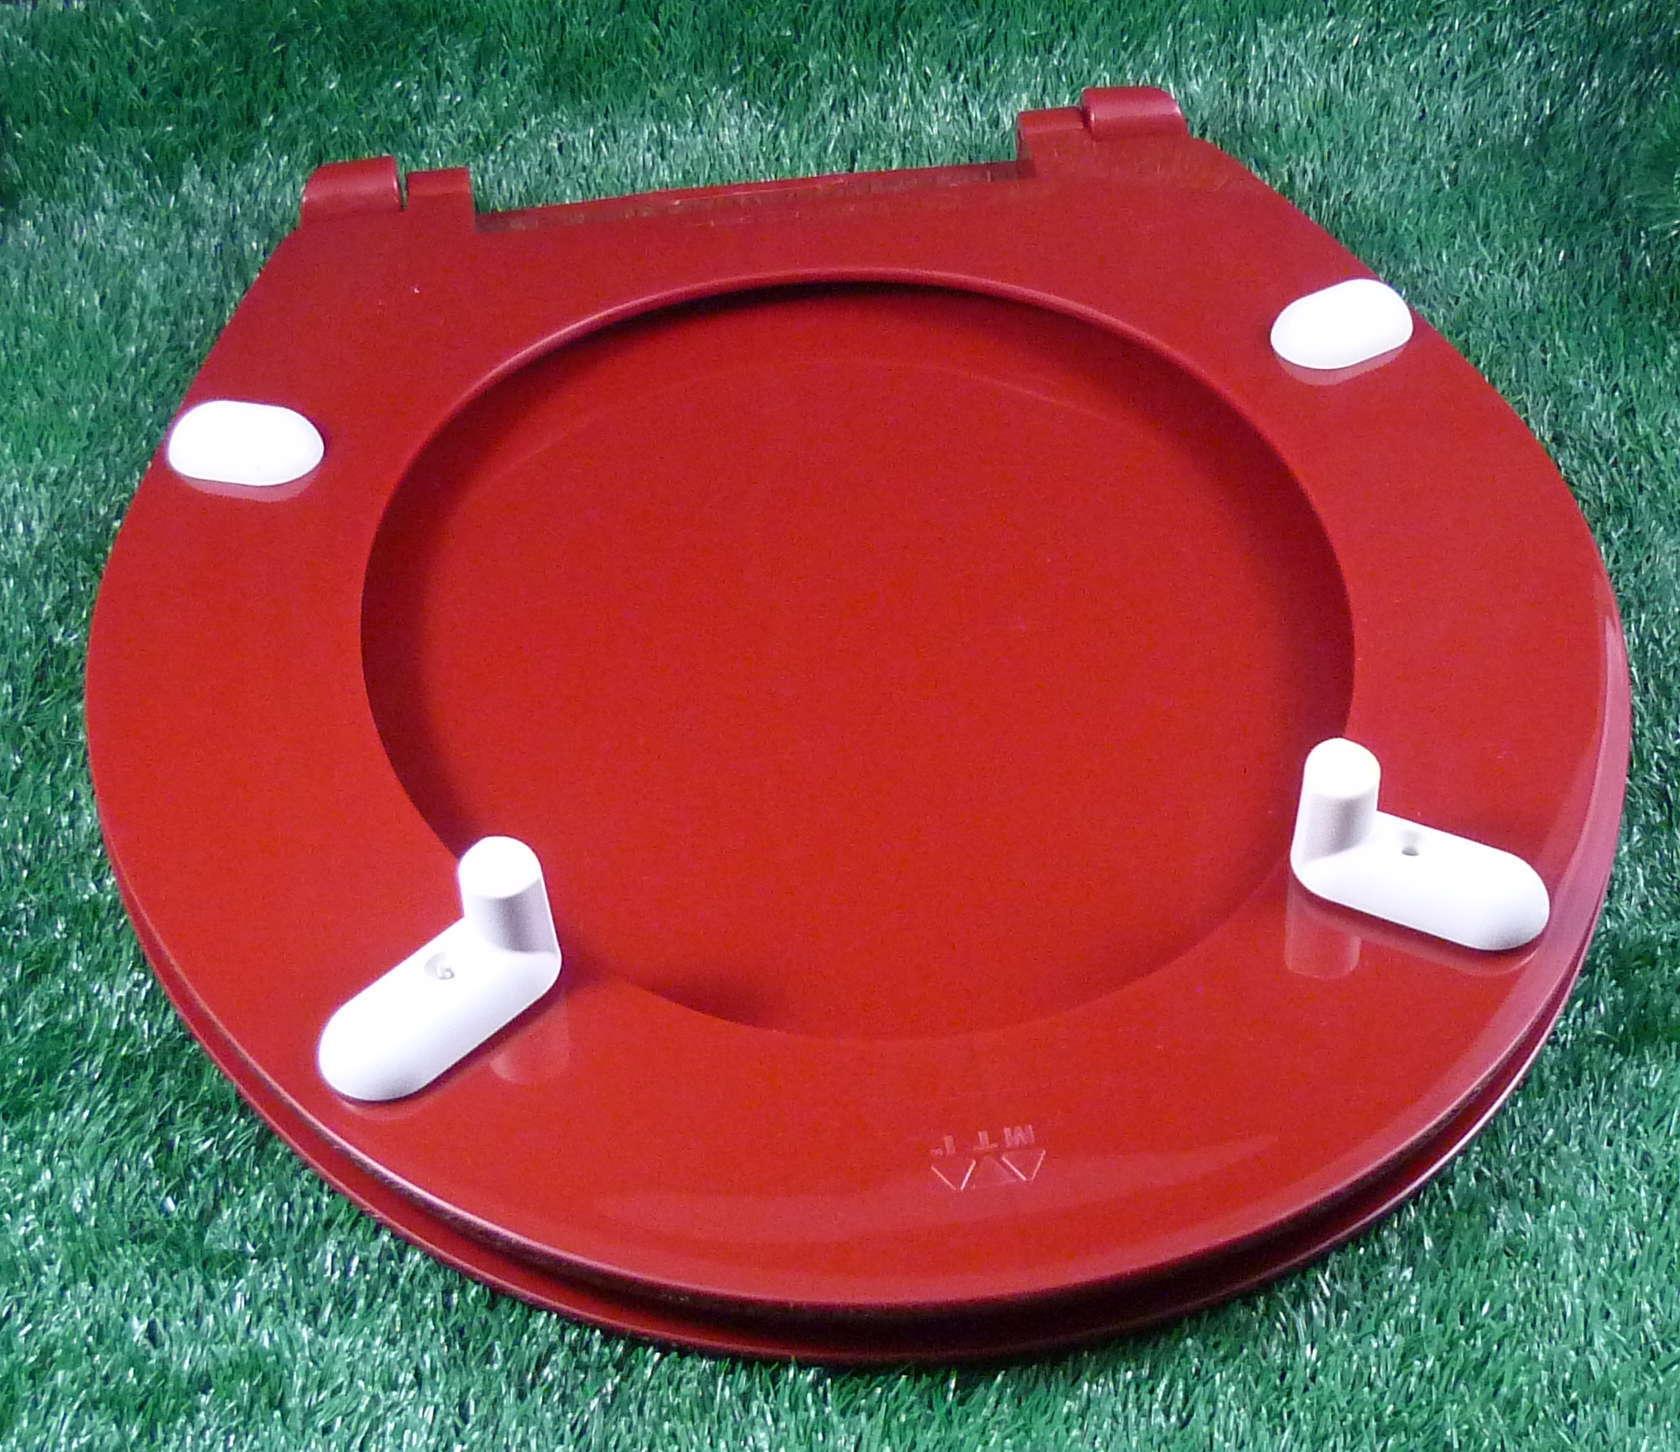 WC-Sitz rot: der Unzerbrechliche